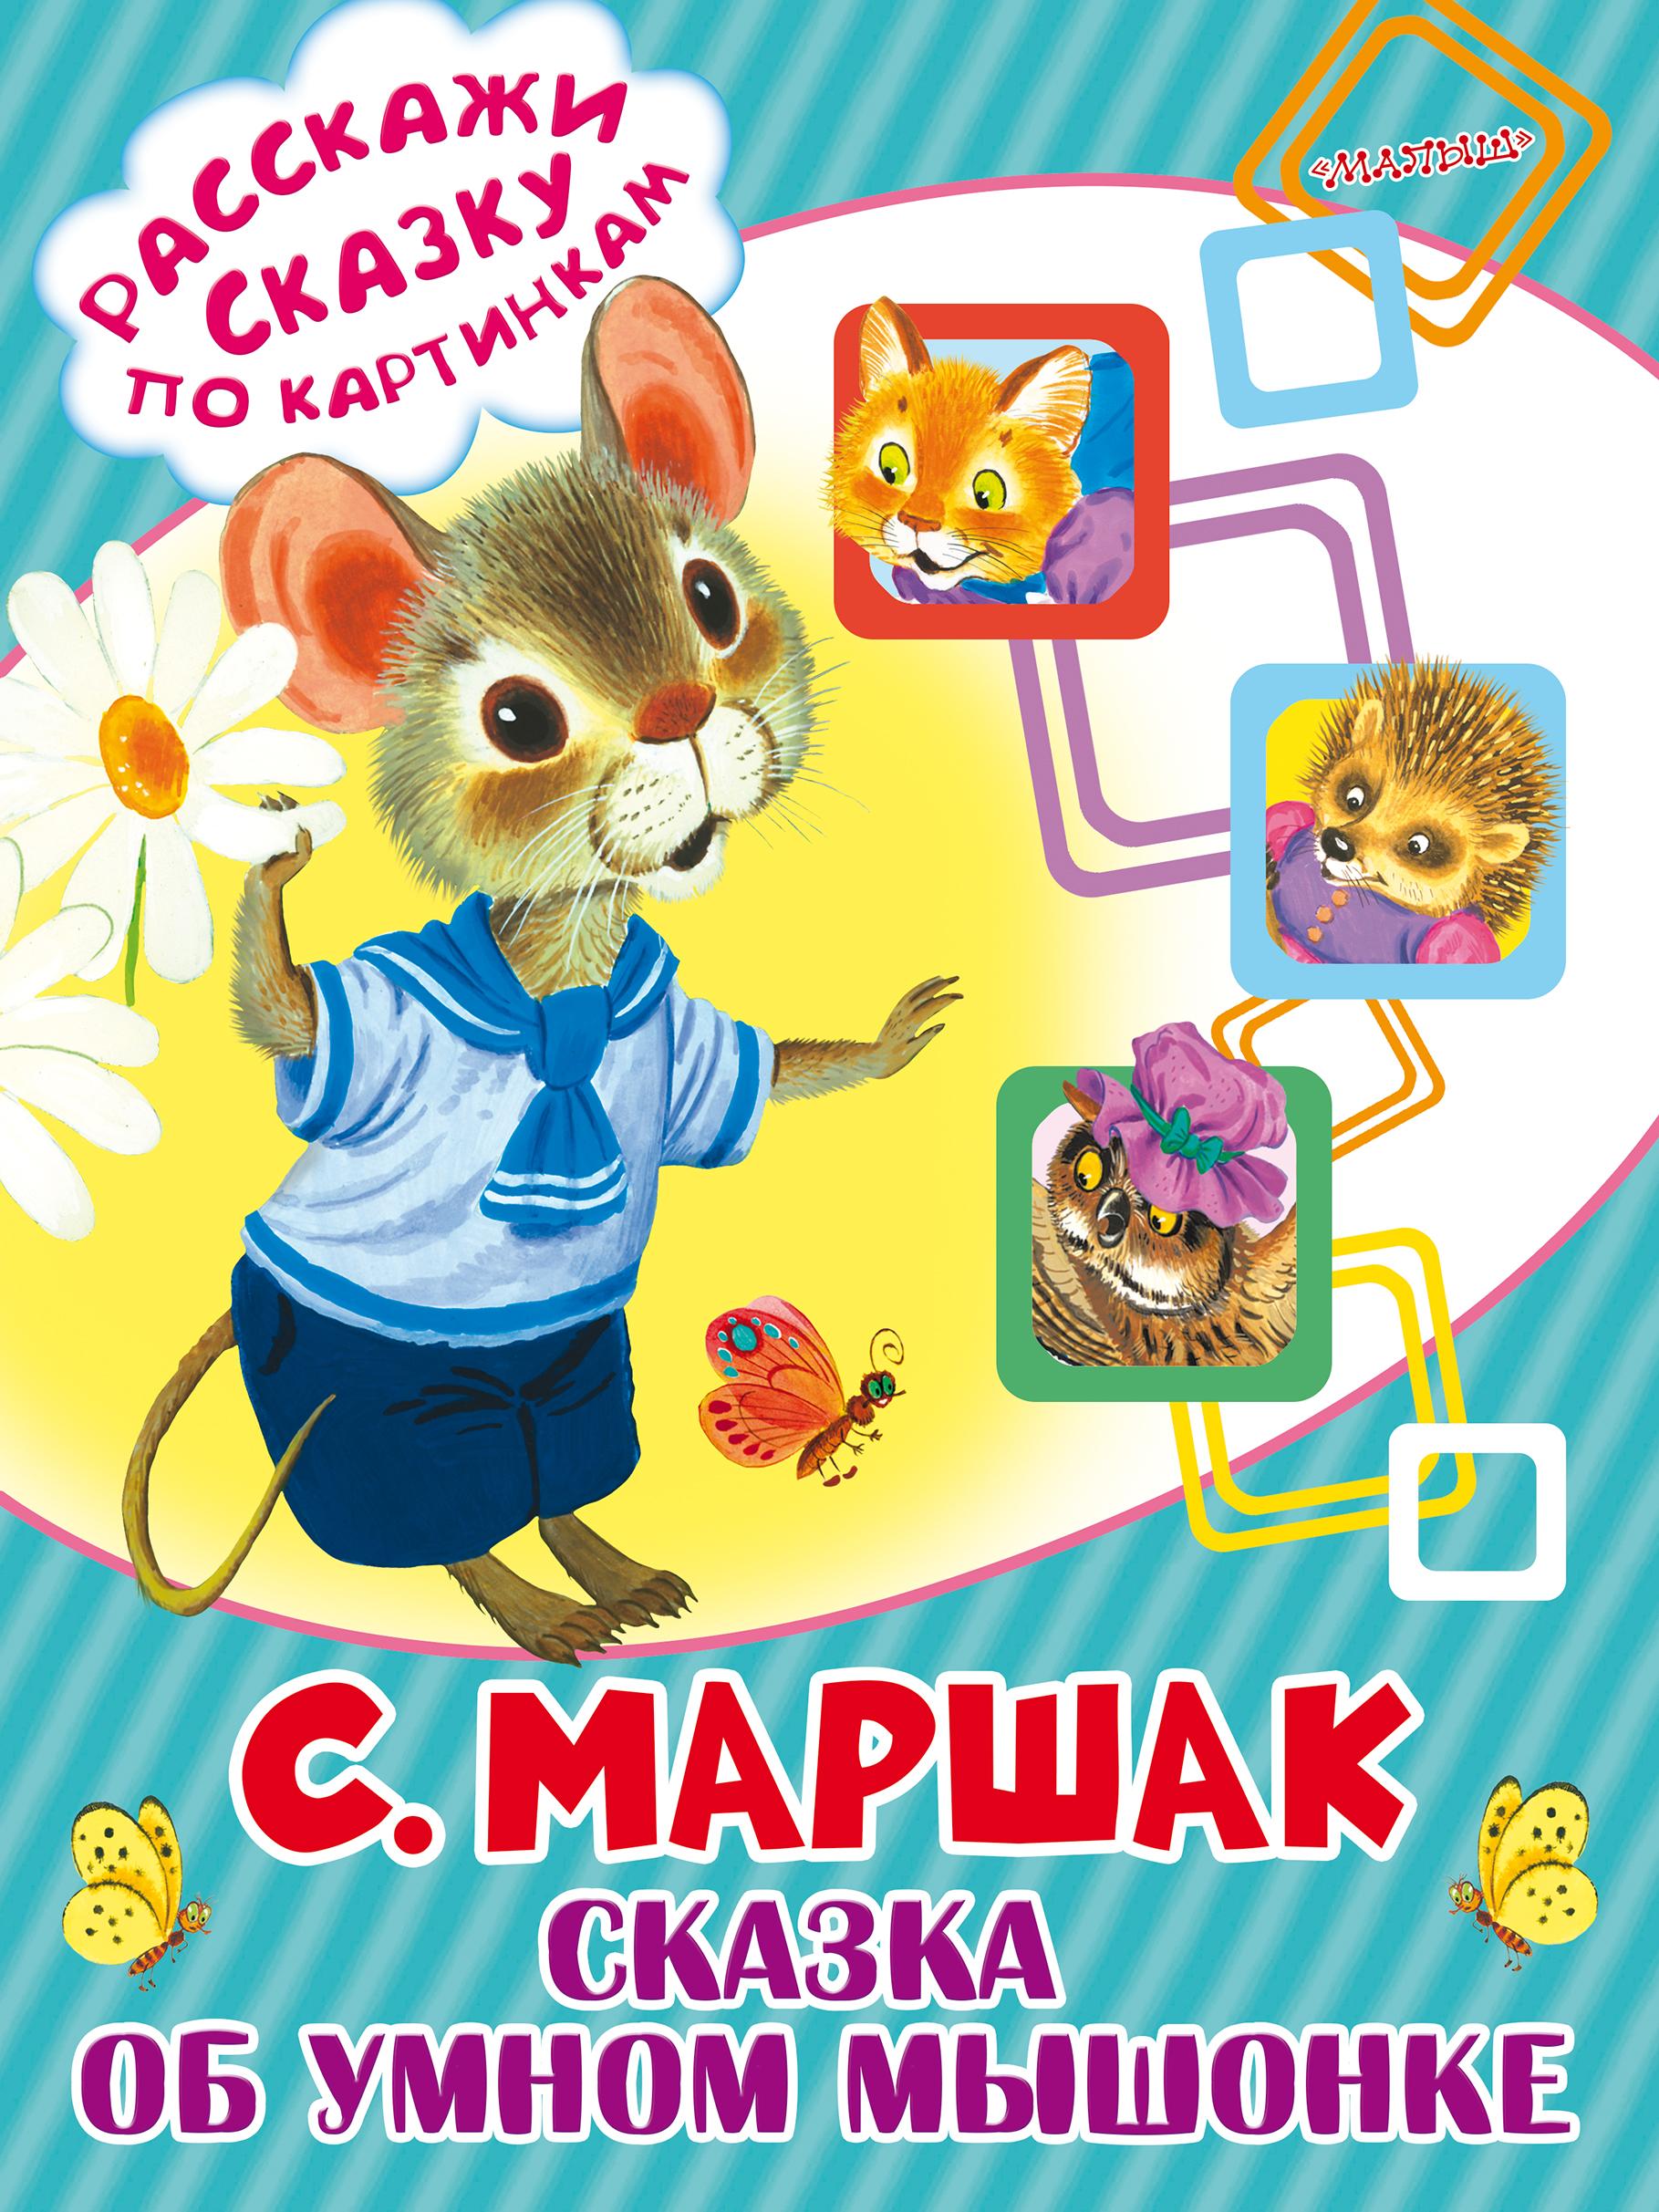 картинки сказка об умном мышонке фото пошагово расскажет